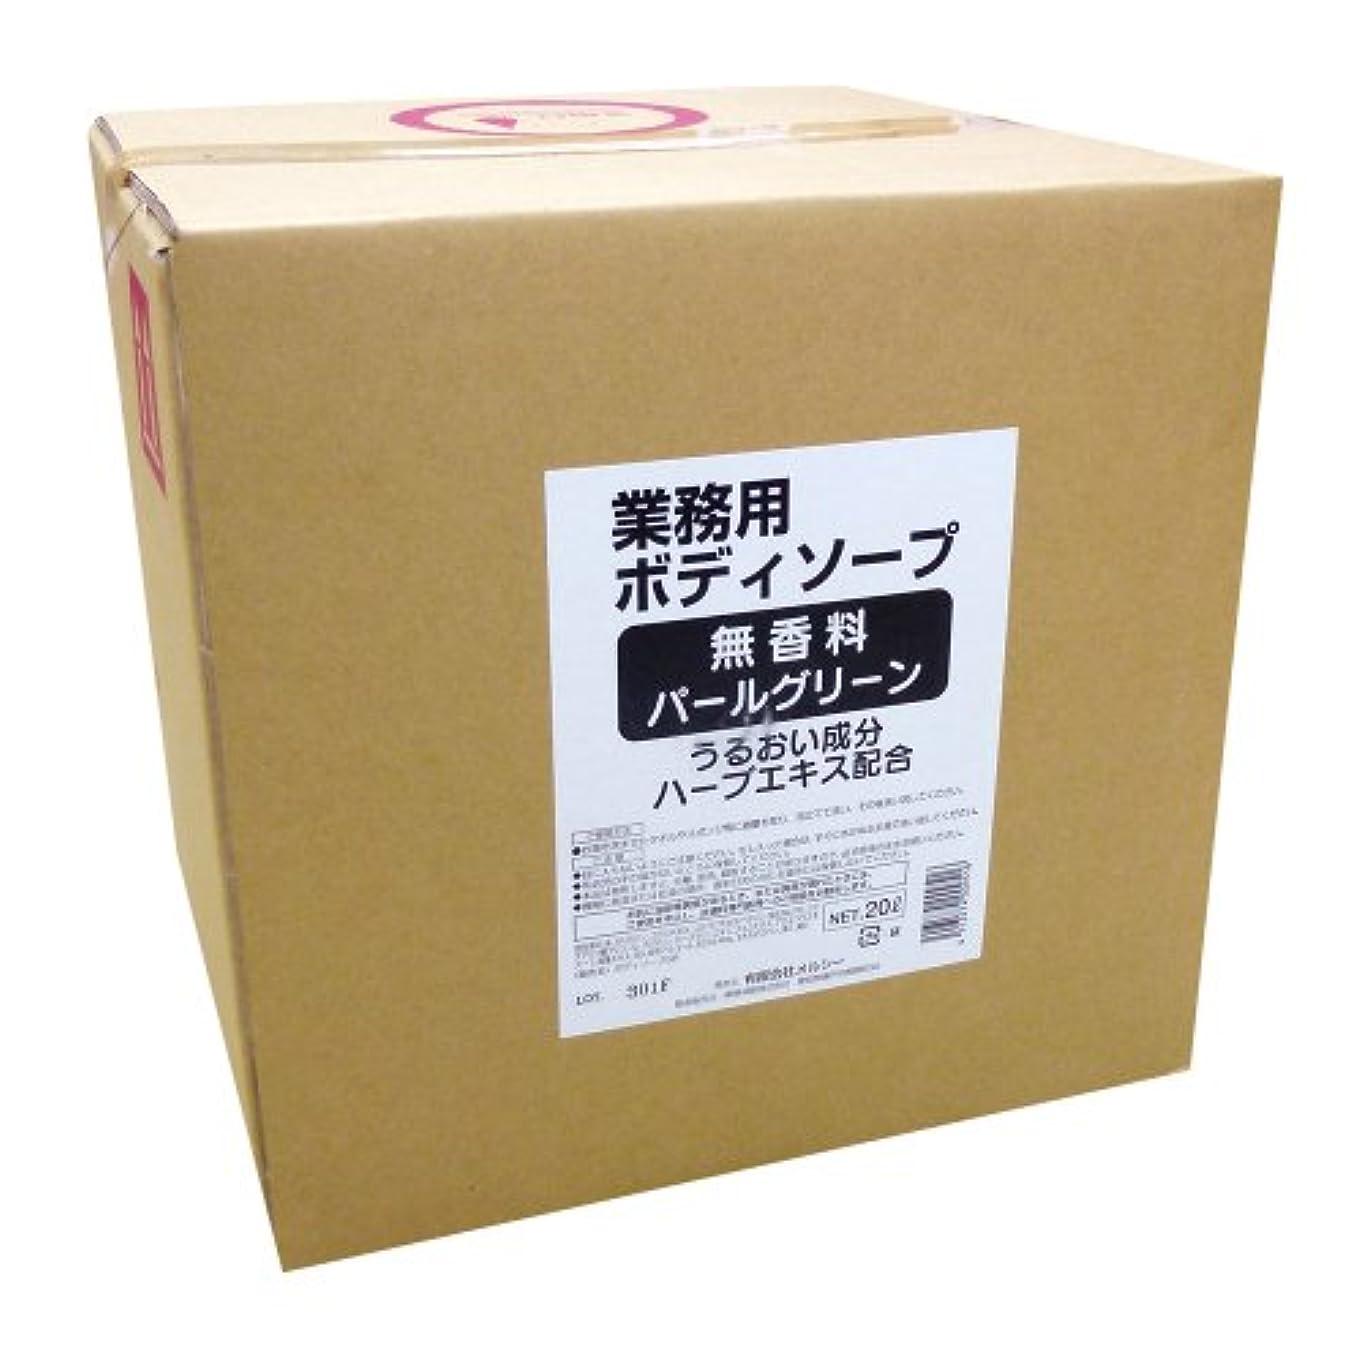 適応するアパル五十【業務用】 無香料 ボディソープ 20L